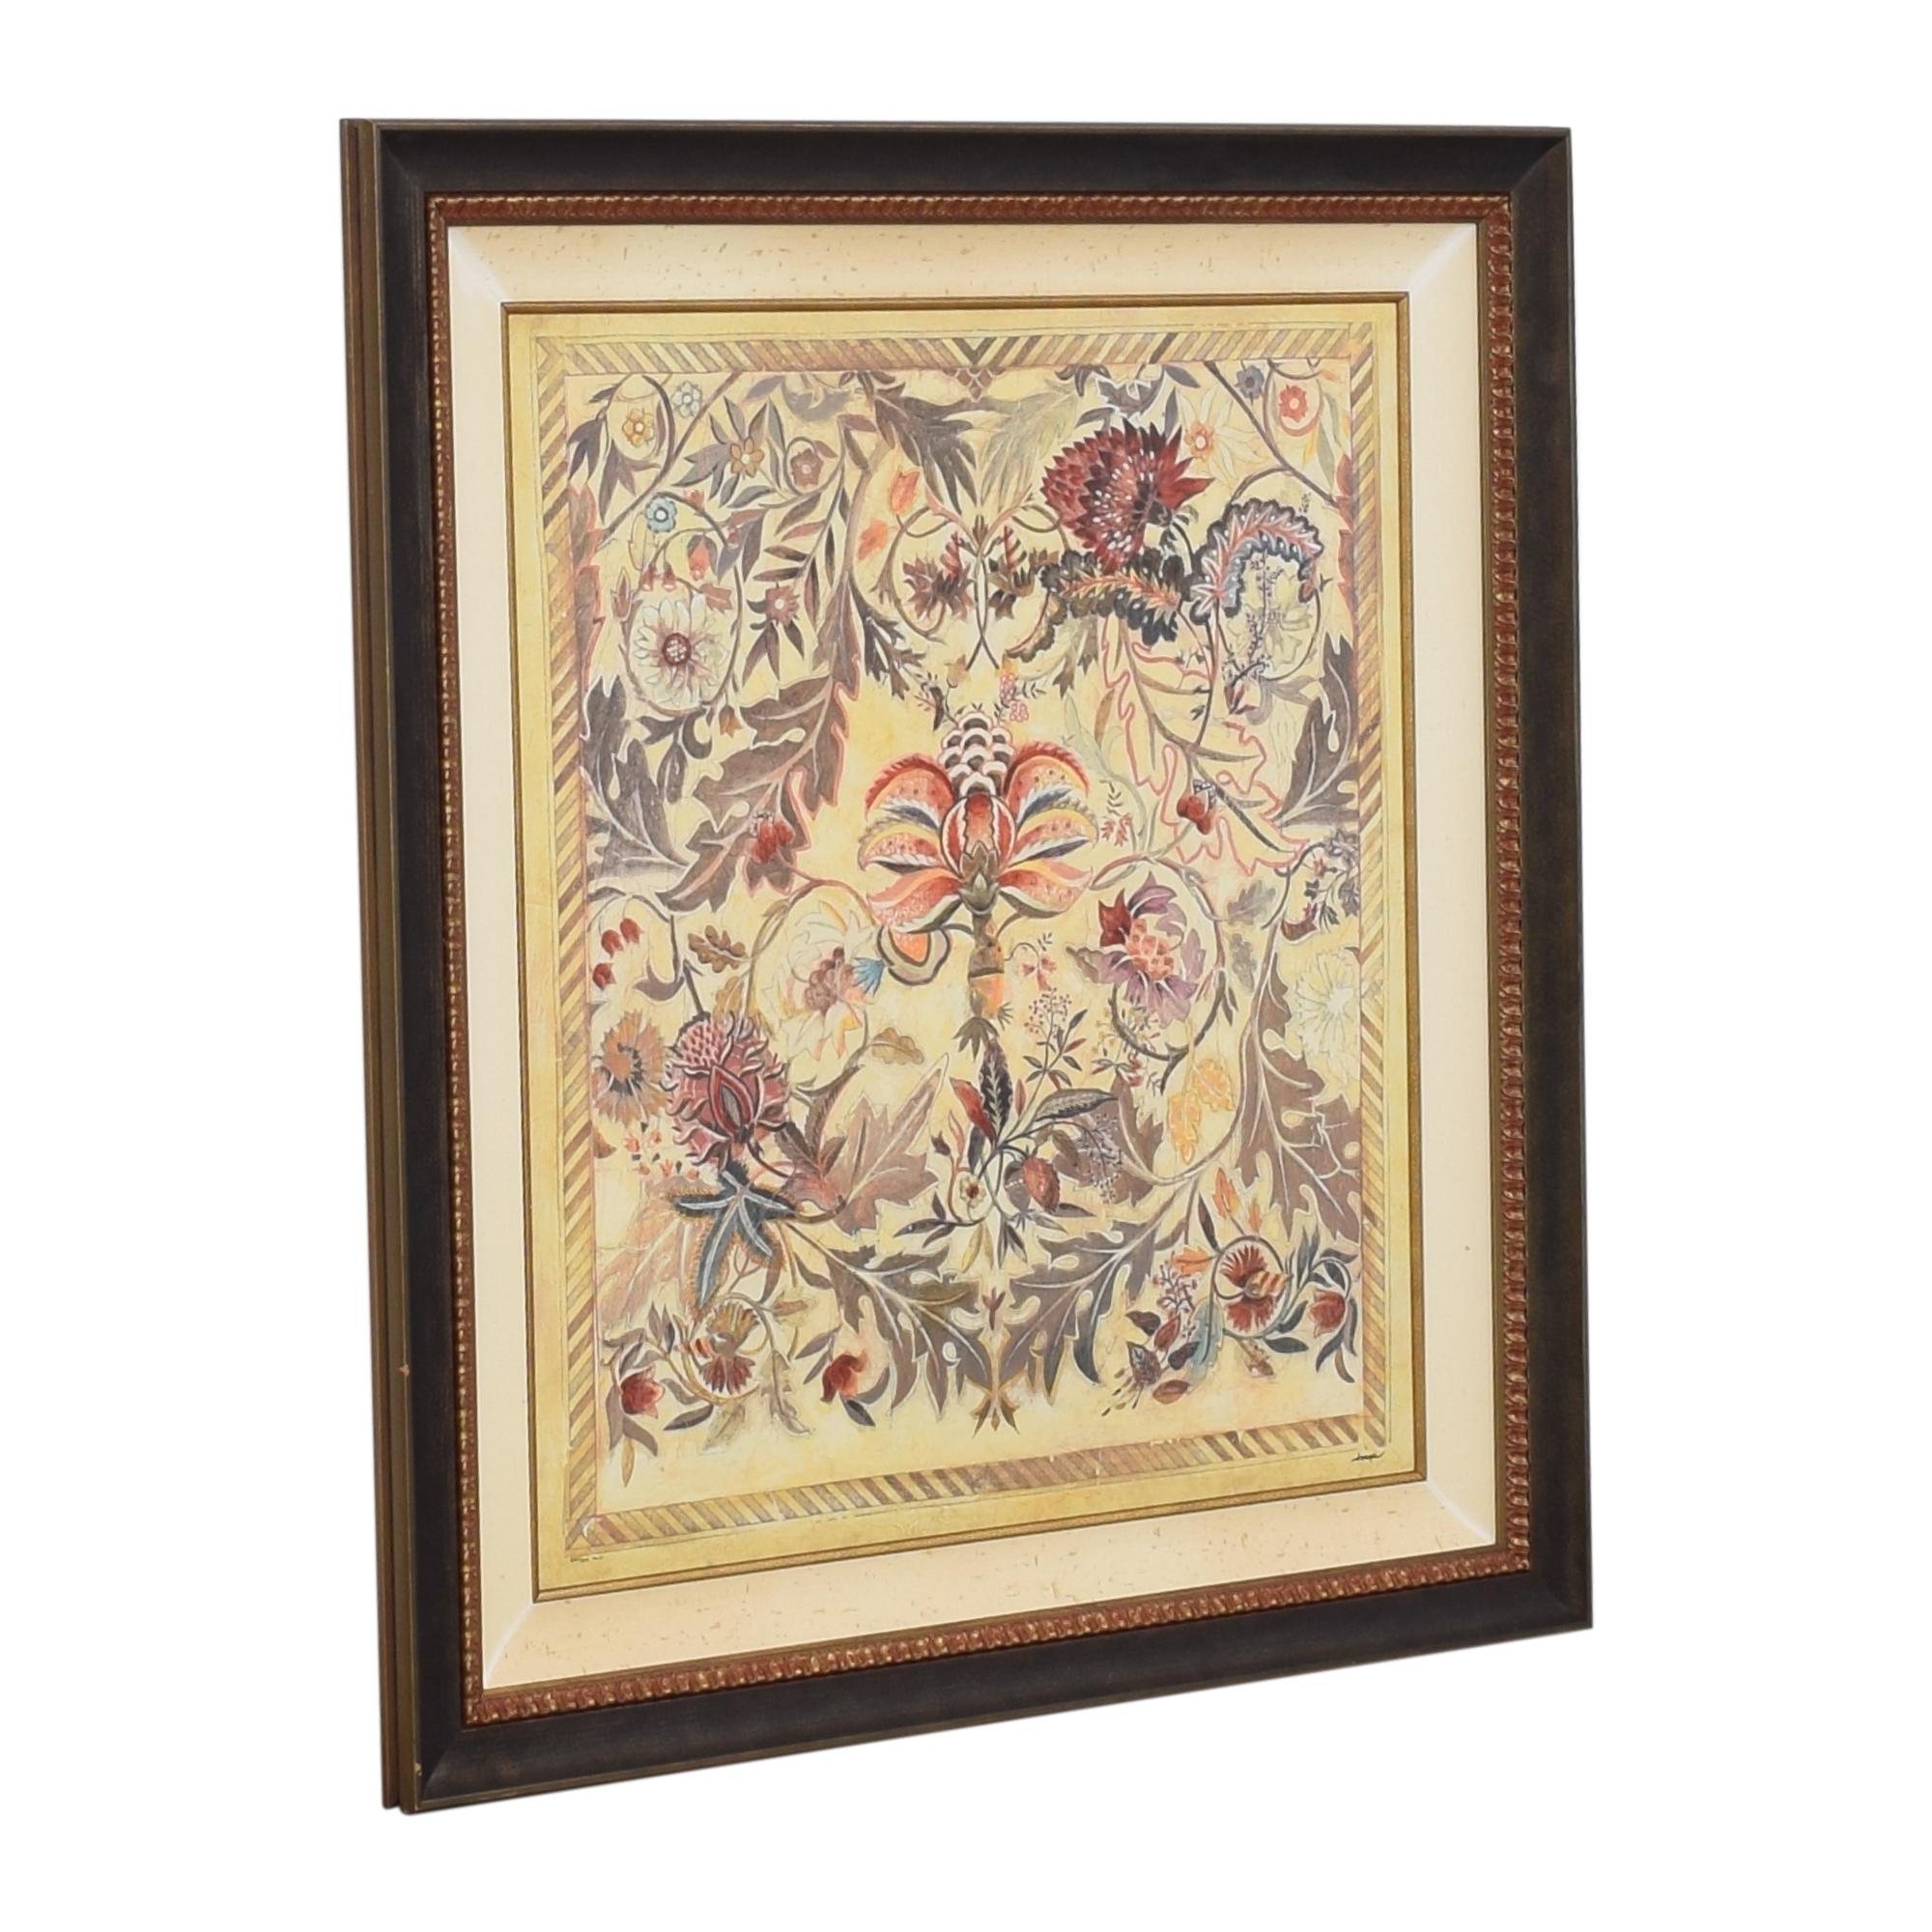 Ethan Allen Garden Song Framed Wall Art sale